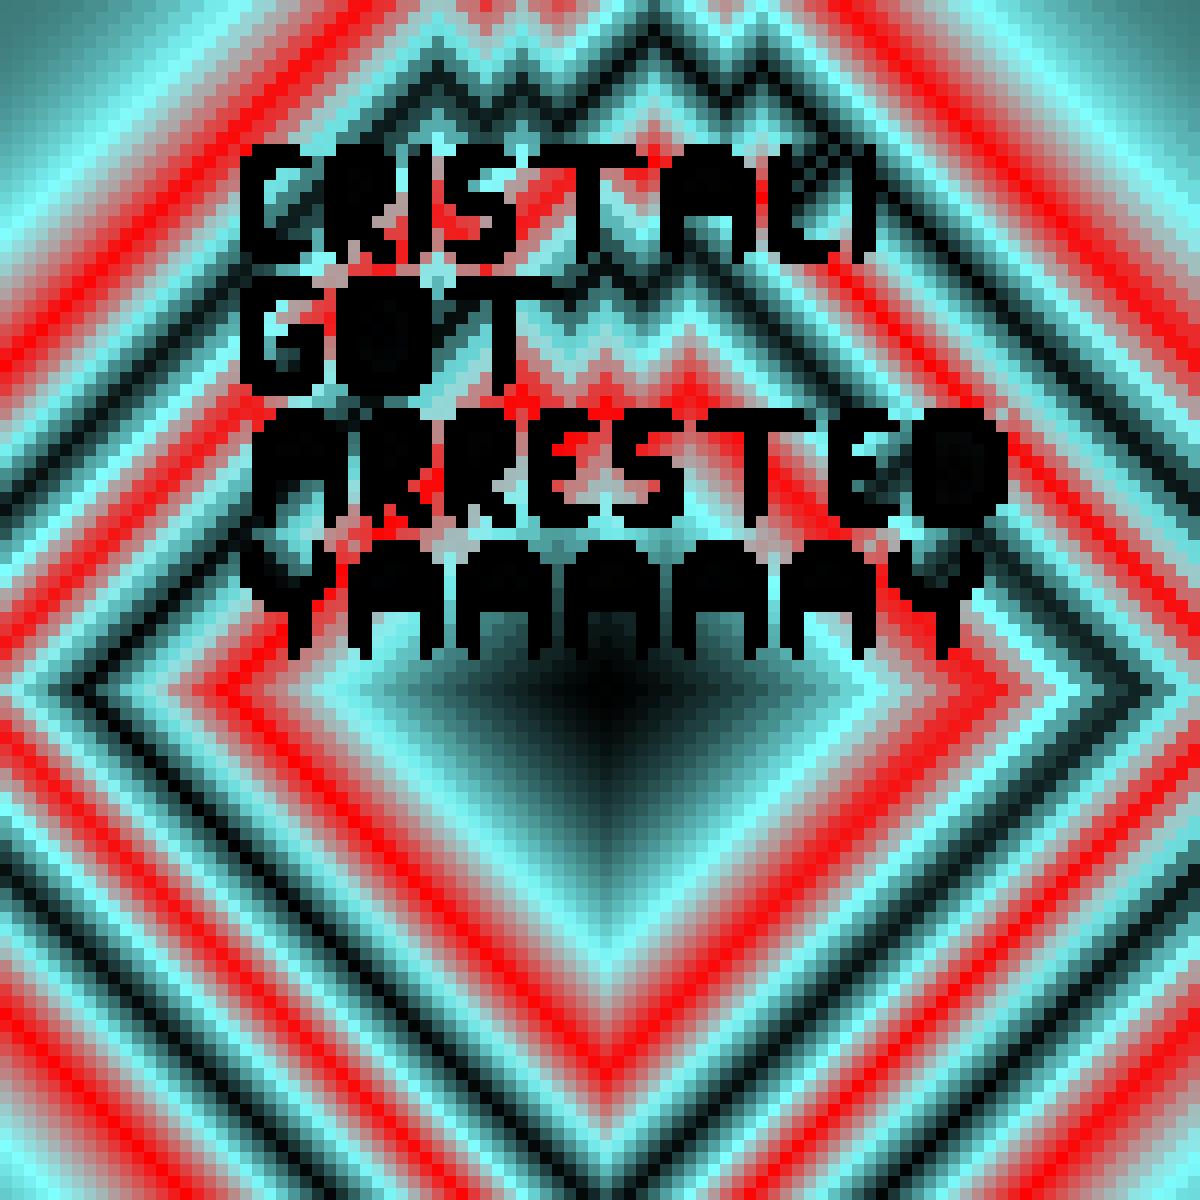 cristali got arrested  by Tabi-cat-1